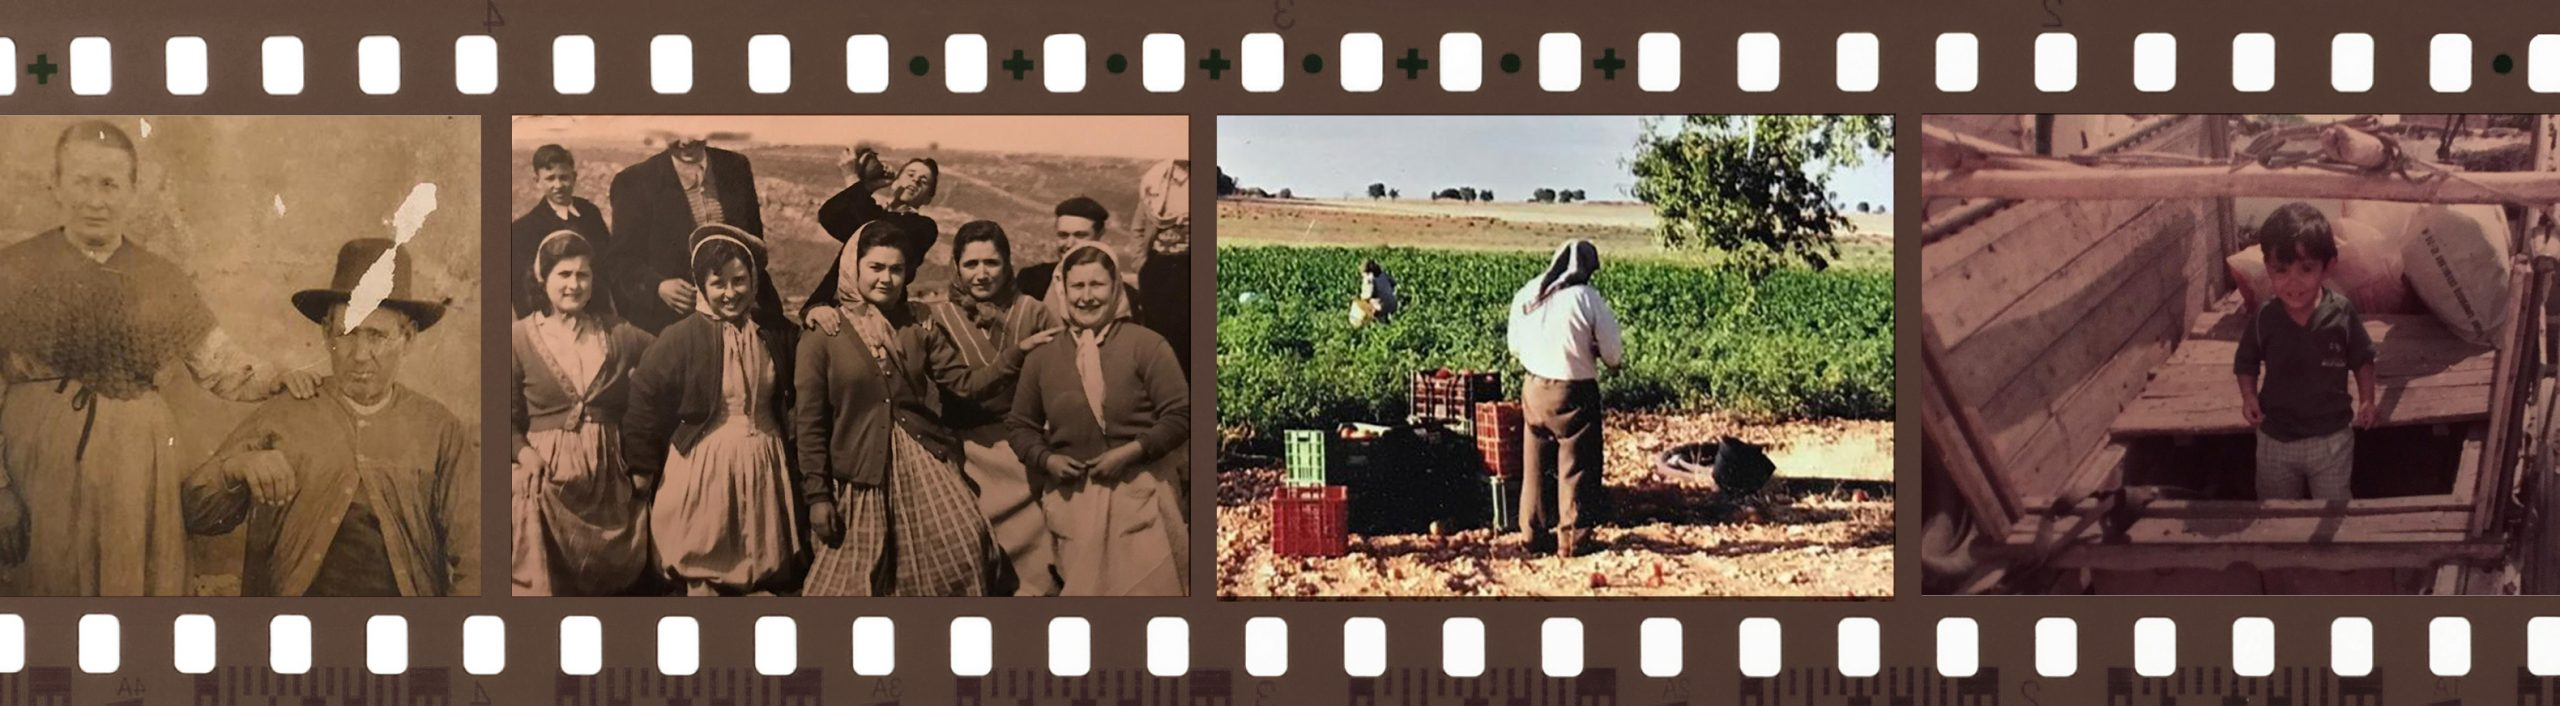 nuestra historia patatas el abuelo de martín